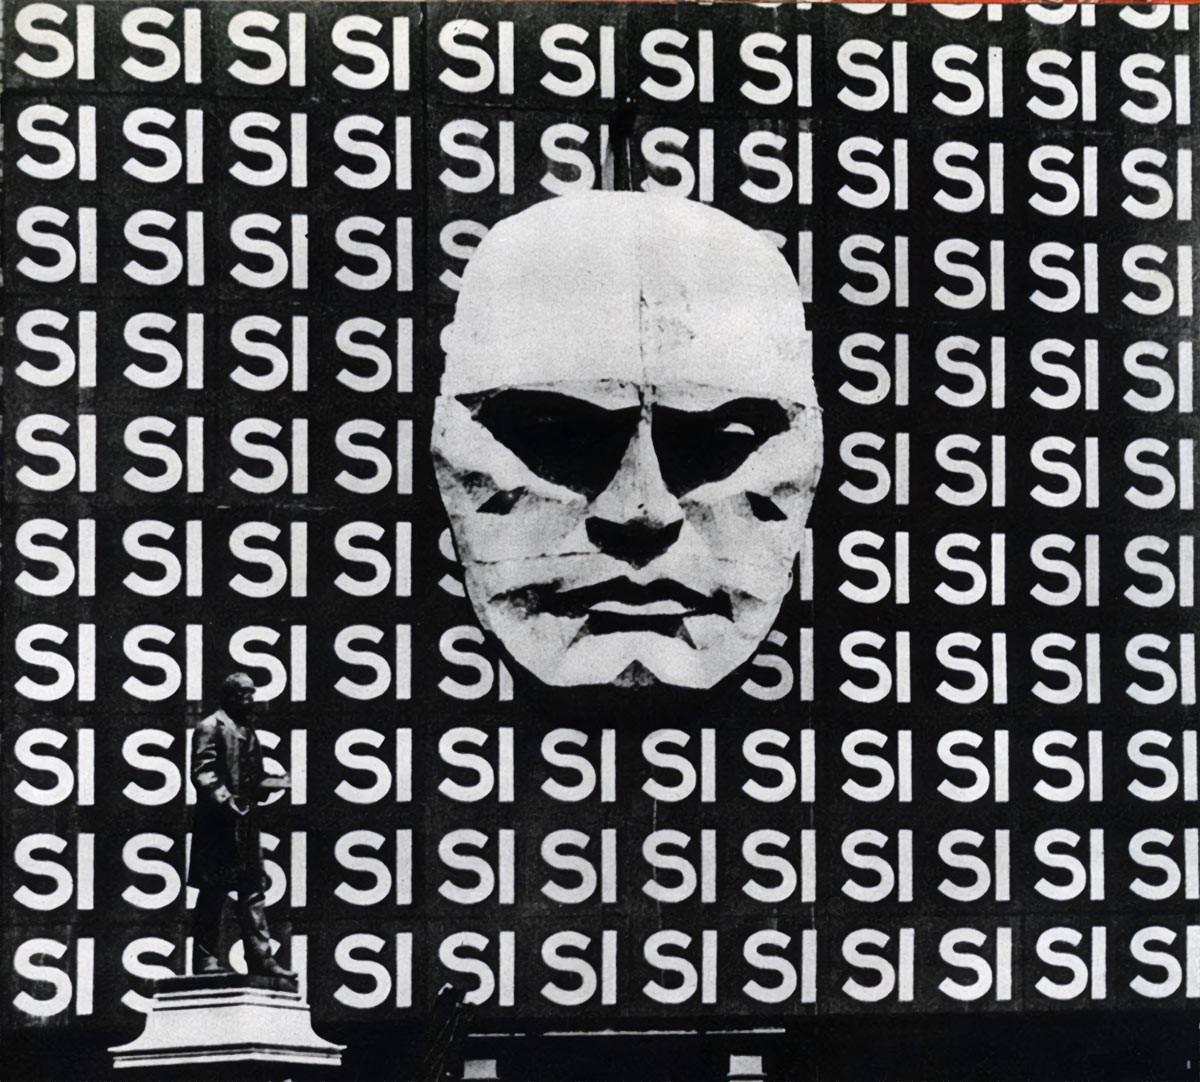 Weird Italy Fascist-Propaganda-in-Advertising-Communication-in-Italy 30+ Unsettling Posters of the Italian Fascist Propaganda Featured Italian Art, Design & Photography Italian History  ww2 WW1 Vittorio Pisani mussolini Marcello Dudovich Luigi Martinati Gino Boccasile futurism fortunato depero fascism Carlo Vittorio Testi